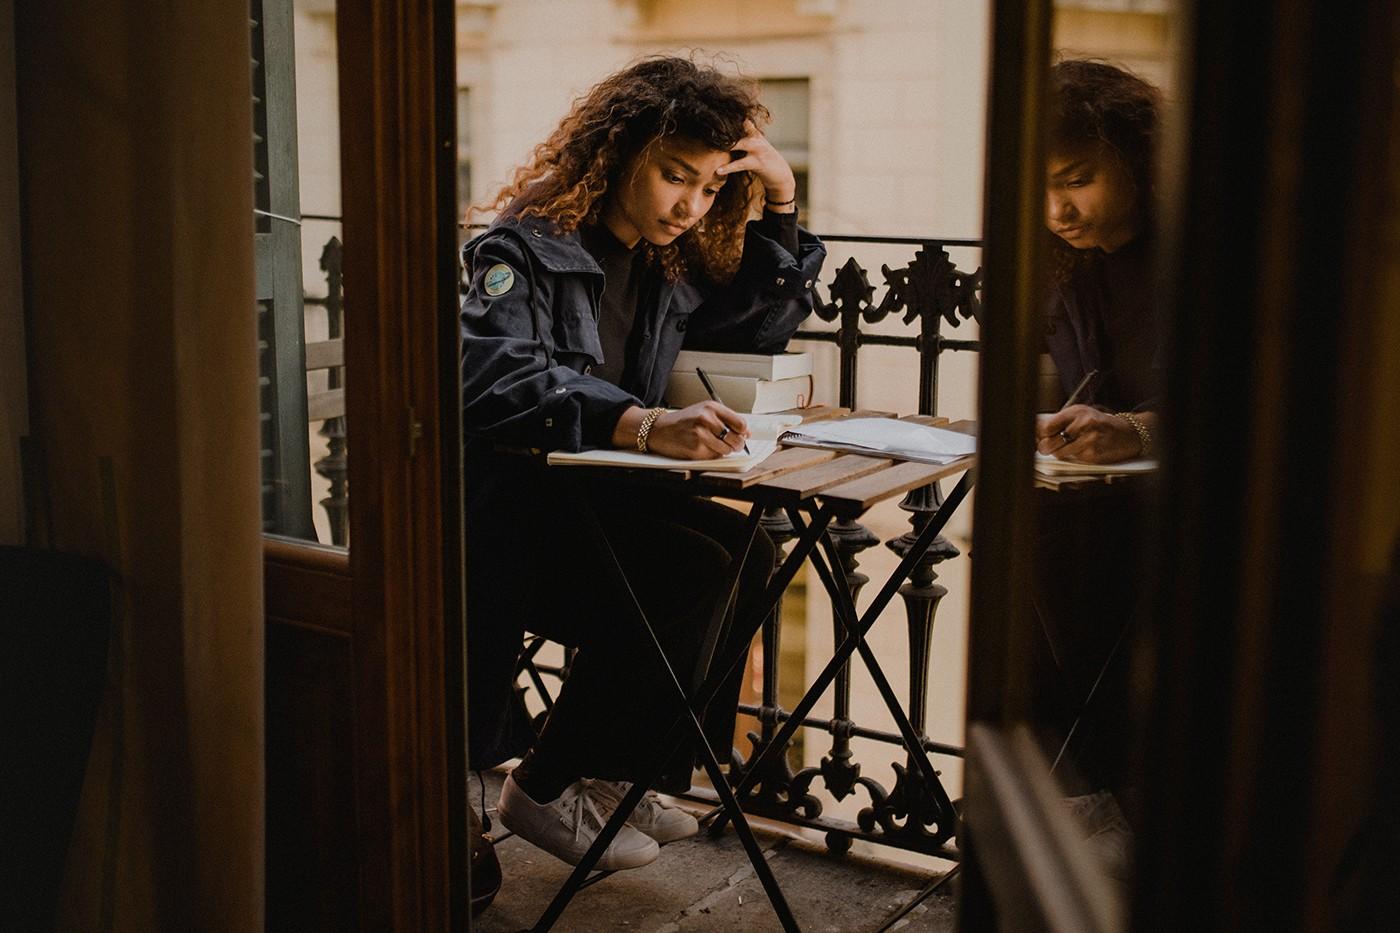 Por que você deveria pensar duas vezes antes de largar tudo para ser escritor